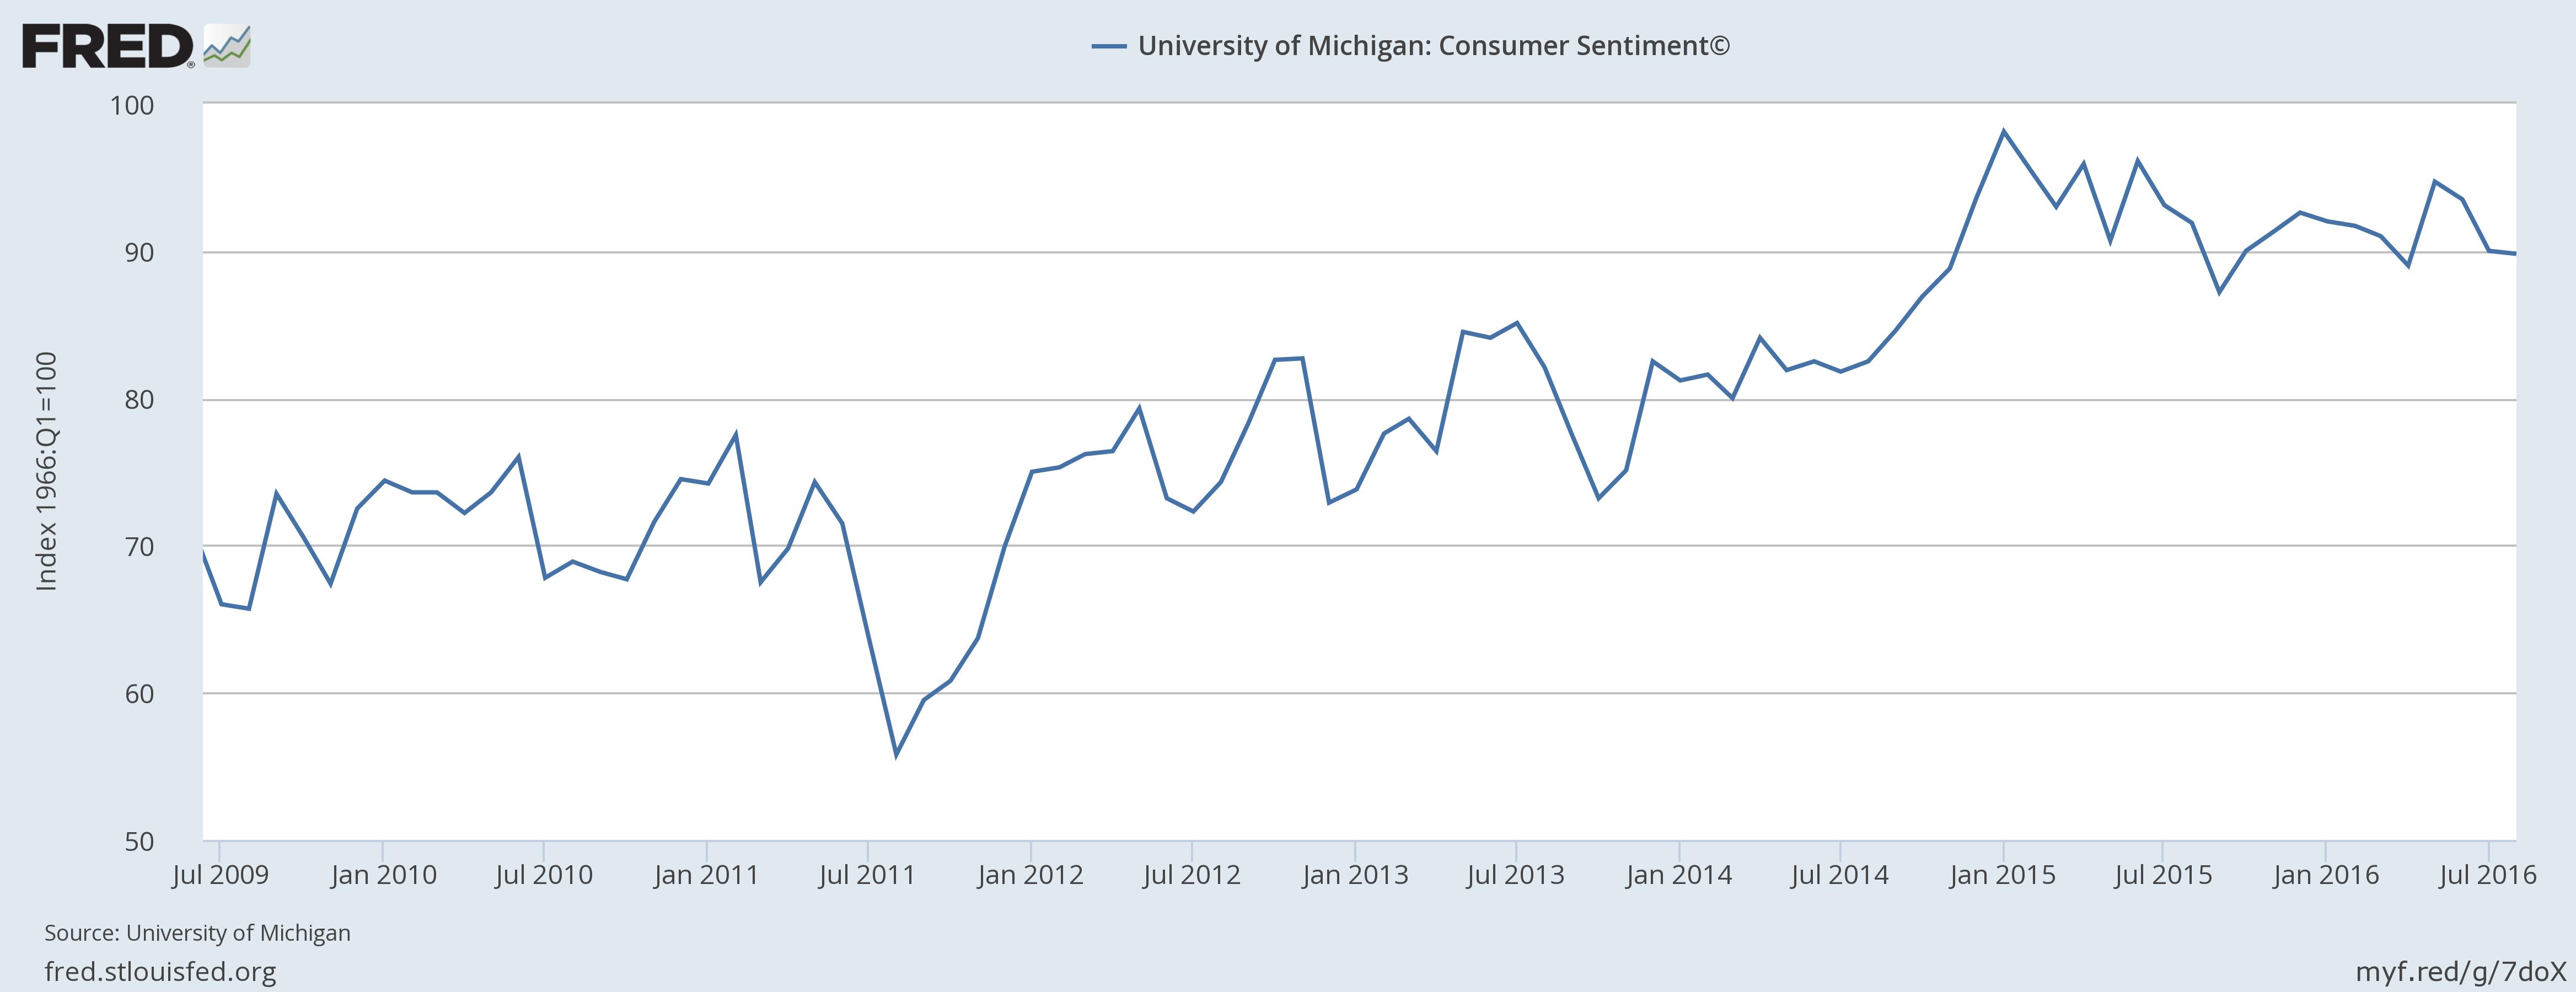 9-18-16-michigan-consumer-sentiment